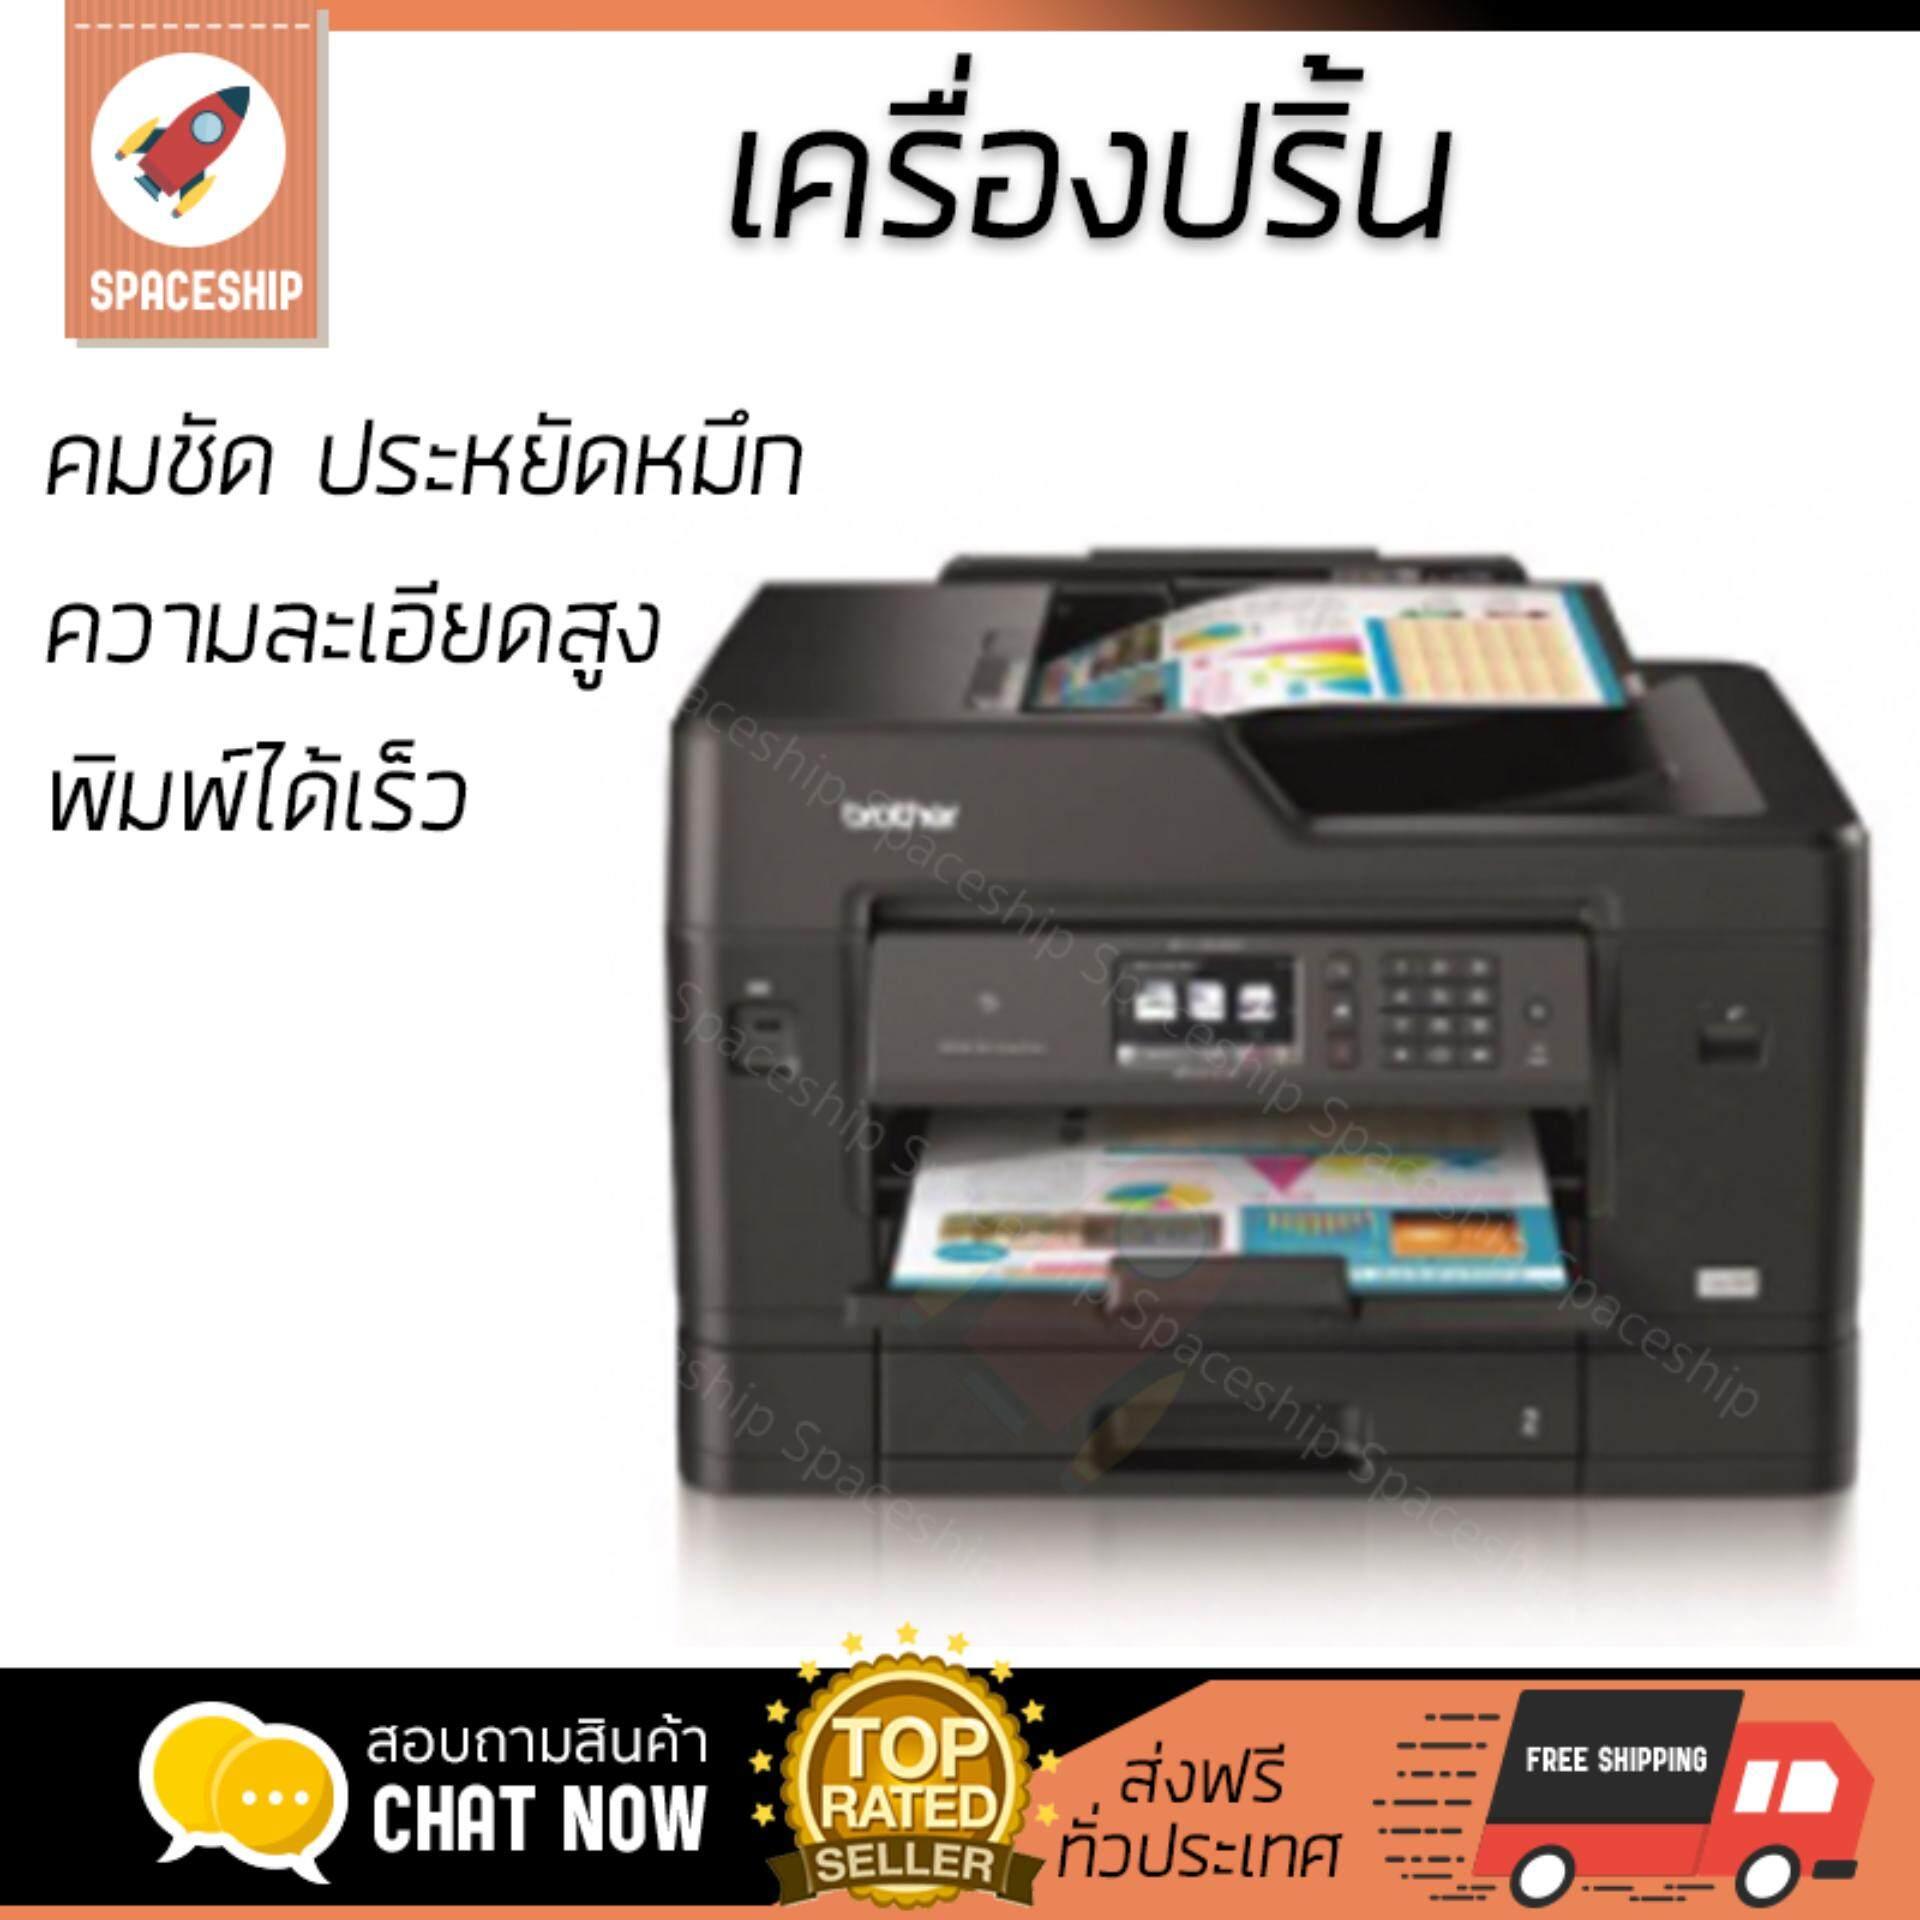 ขายดีมาก! โปรโมชัน เครื่องพิมพ์           BROTHER เครื่องพิมพ์อเนกประสงค์ 6IN1 รุ่น MFC-J3930DW             ความละเอียดสูง คมชัด ประหยัดหมึก เครื่องปริ้น เครื่องปริ้นท์ All in one Printer รับประกันสิน